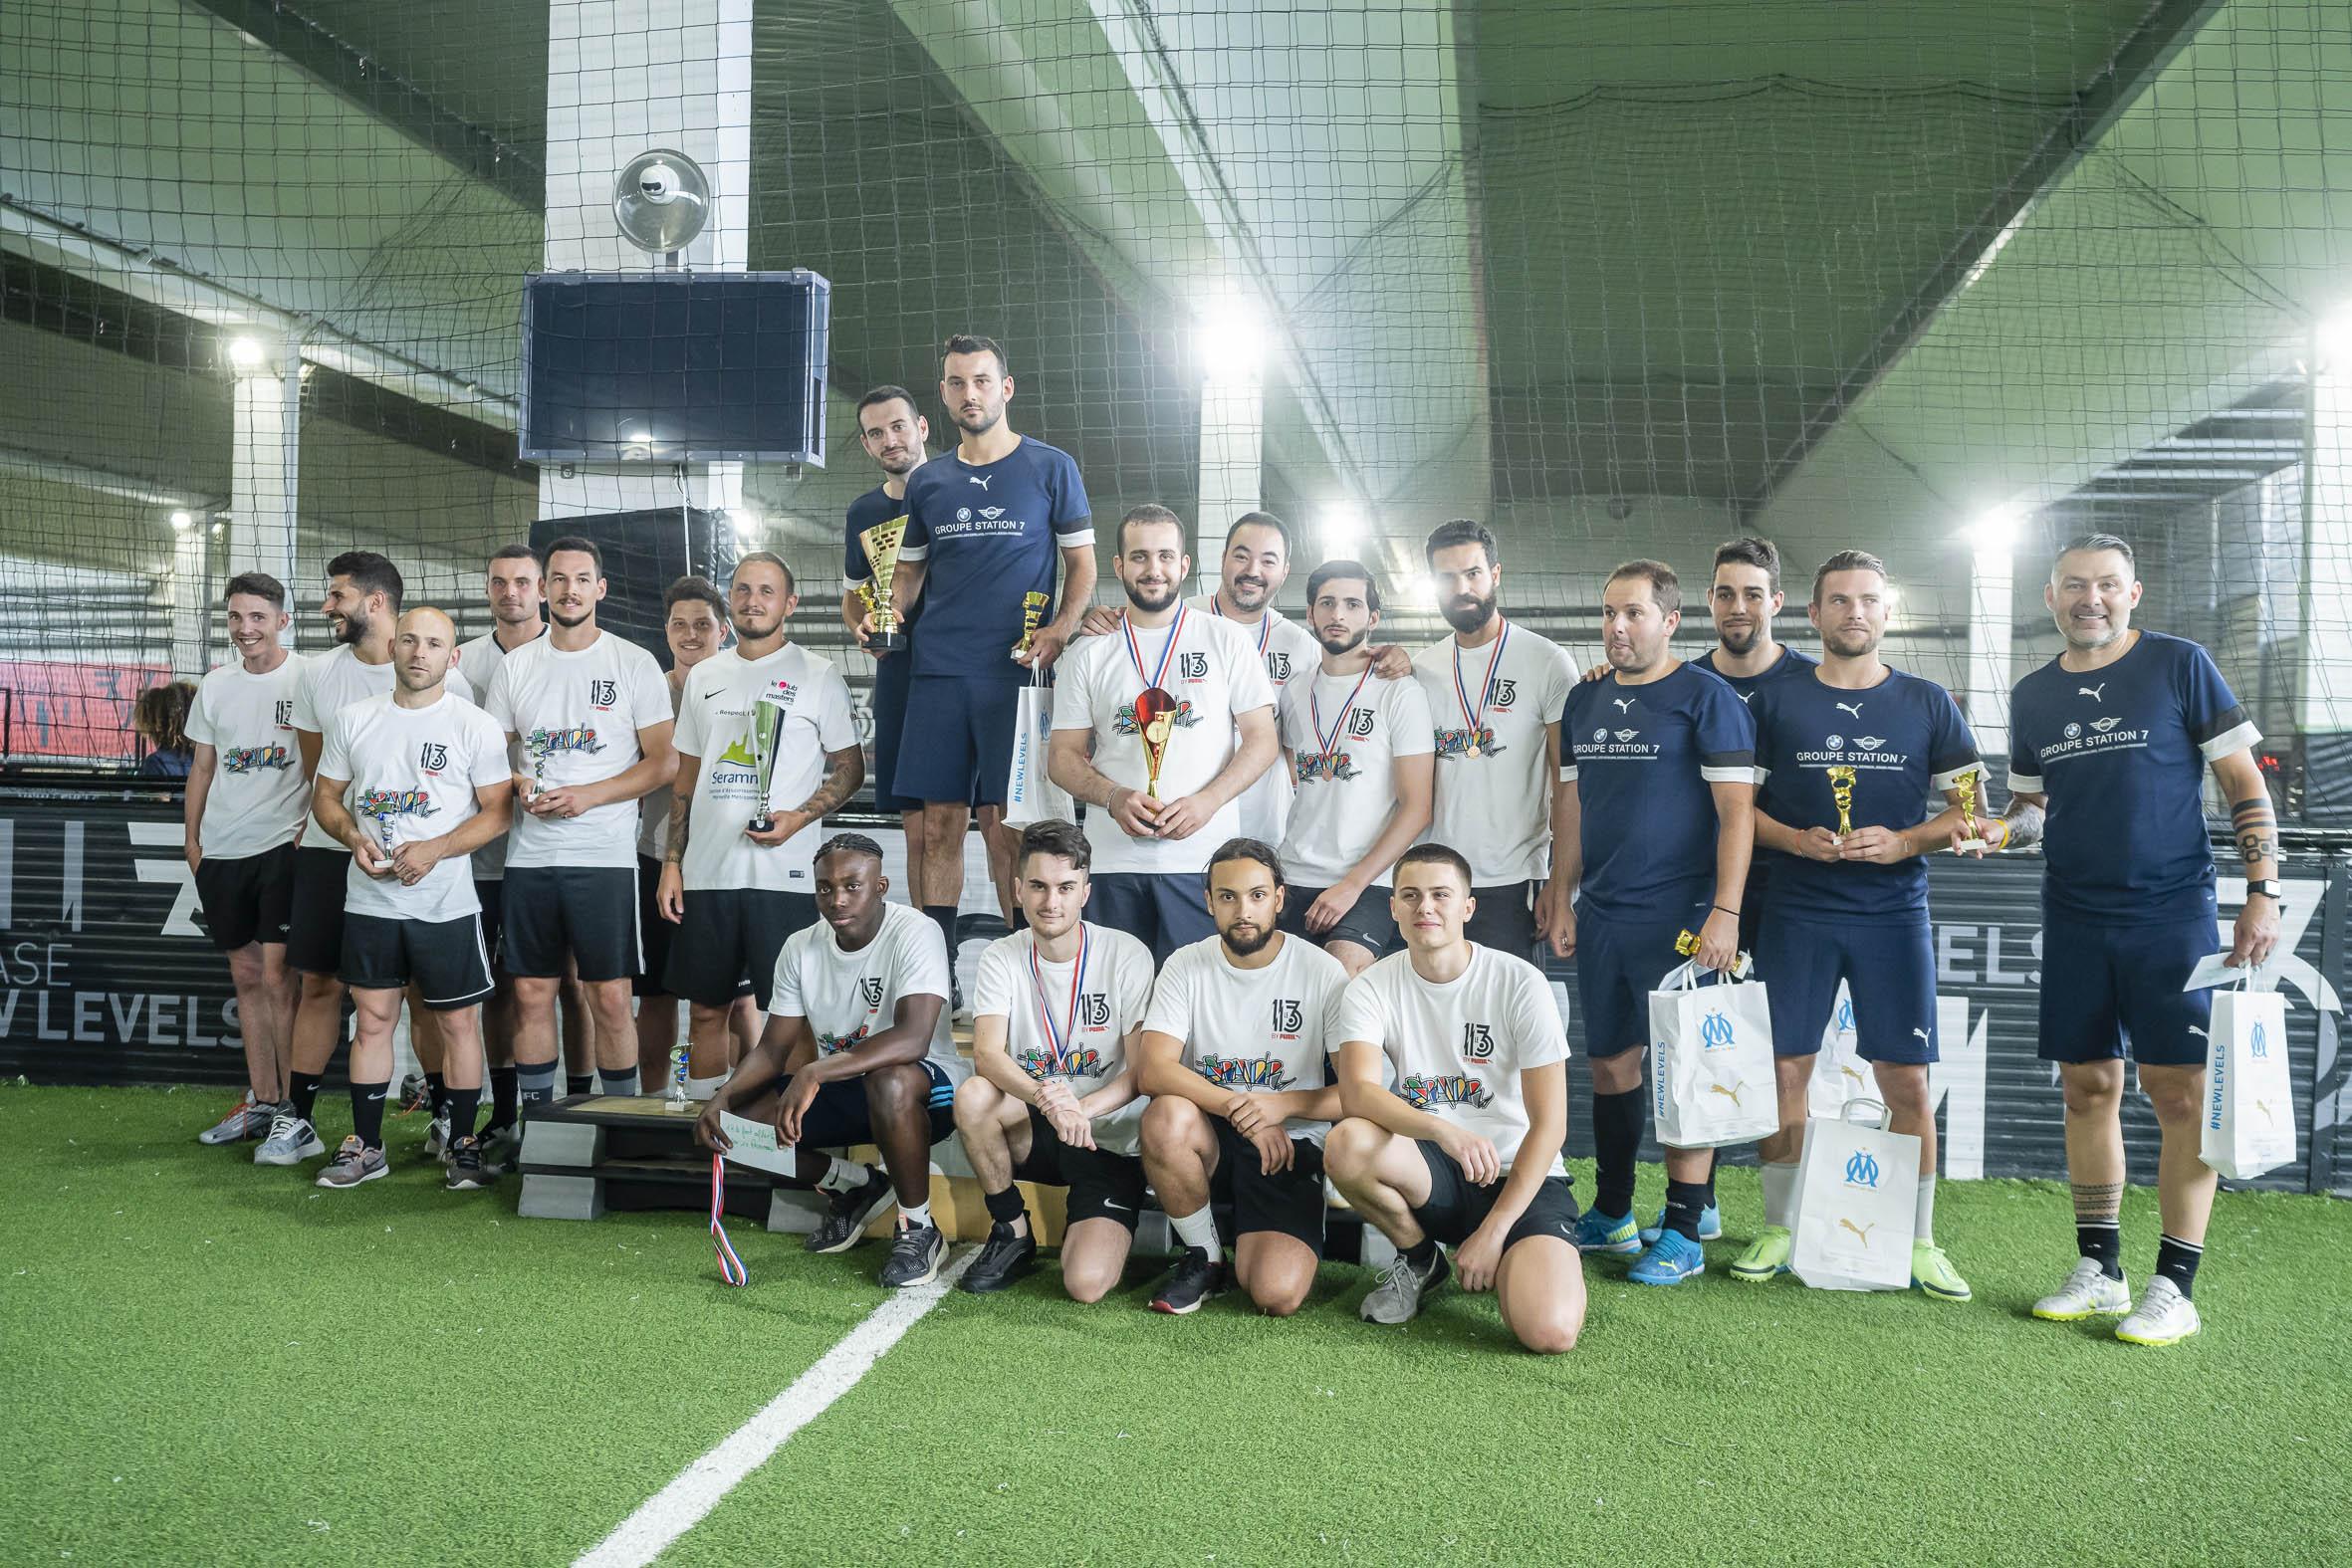 Podium du tournois futsal au 13 by puma organisé par Grandir